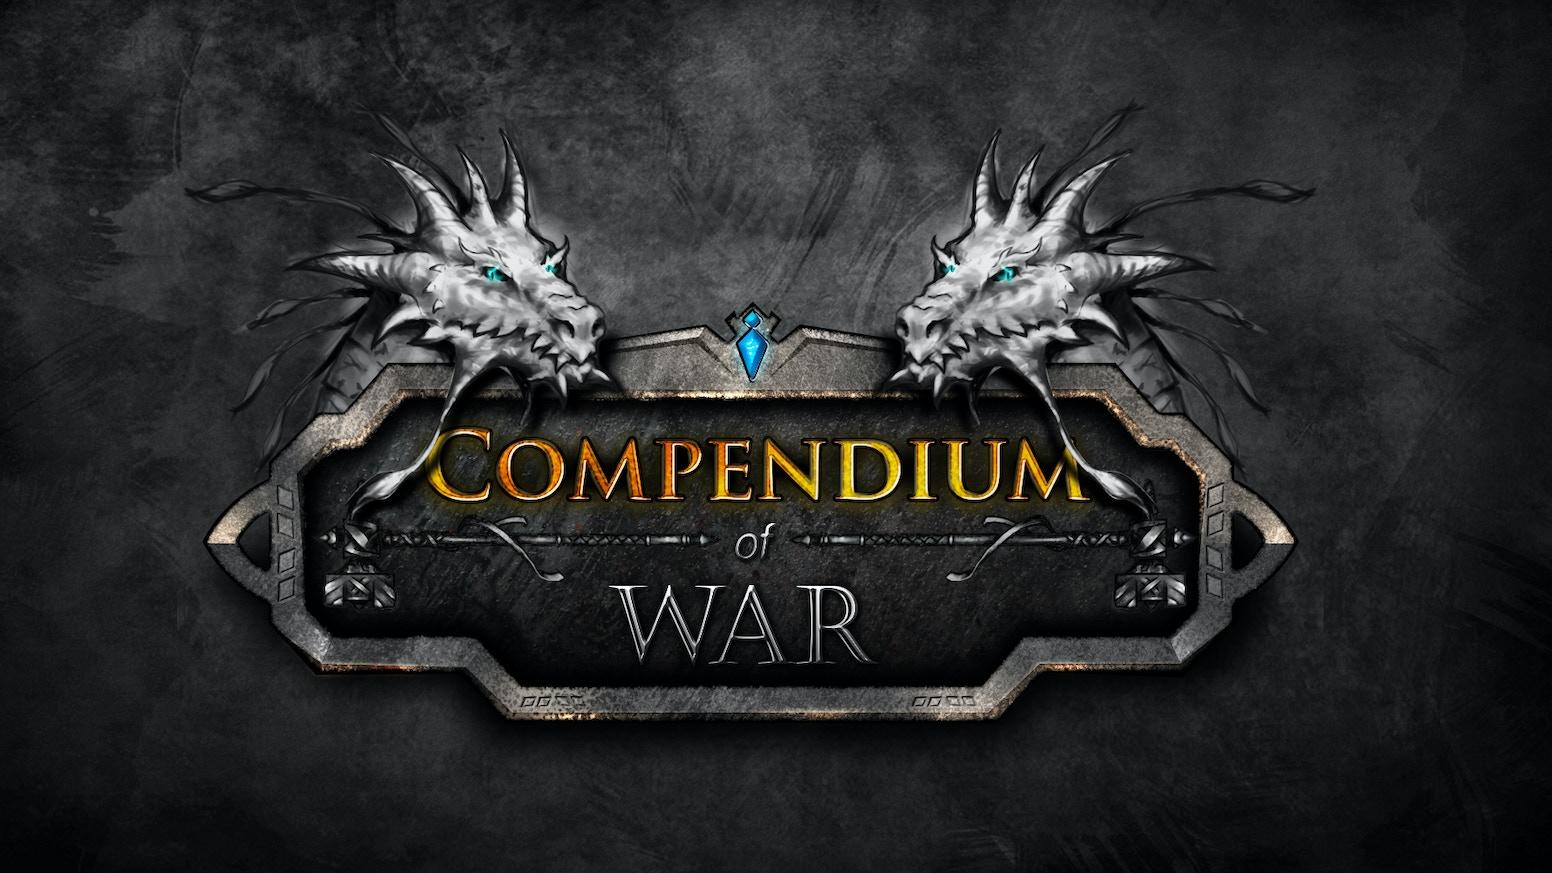 Compendium of War - Brigandine: The Legend of Forsena Remake by